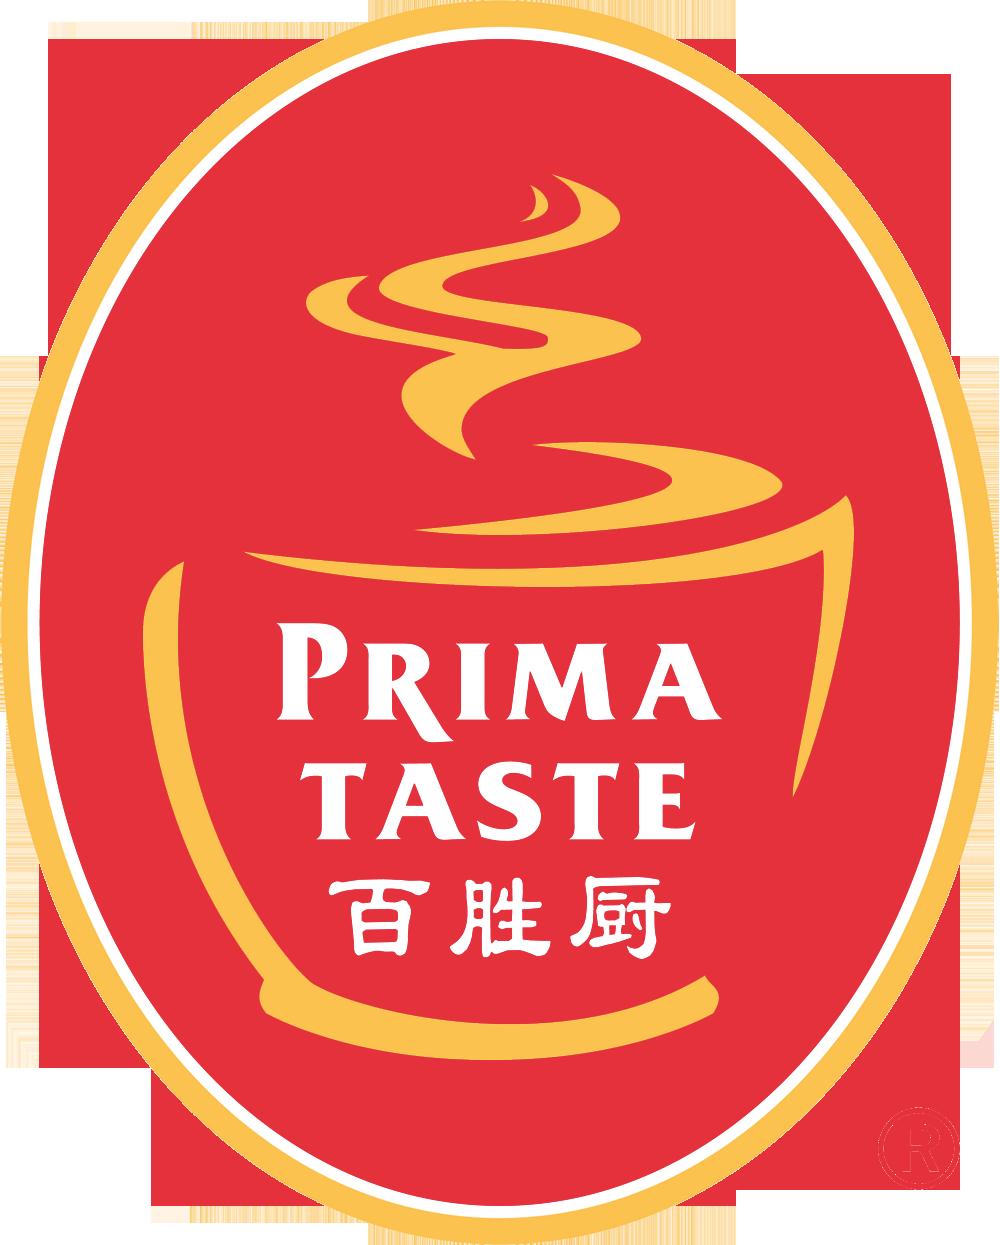 Prima Taste Logo